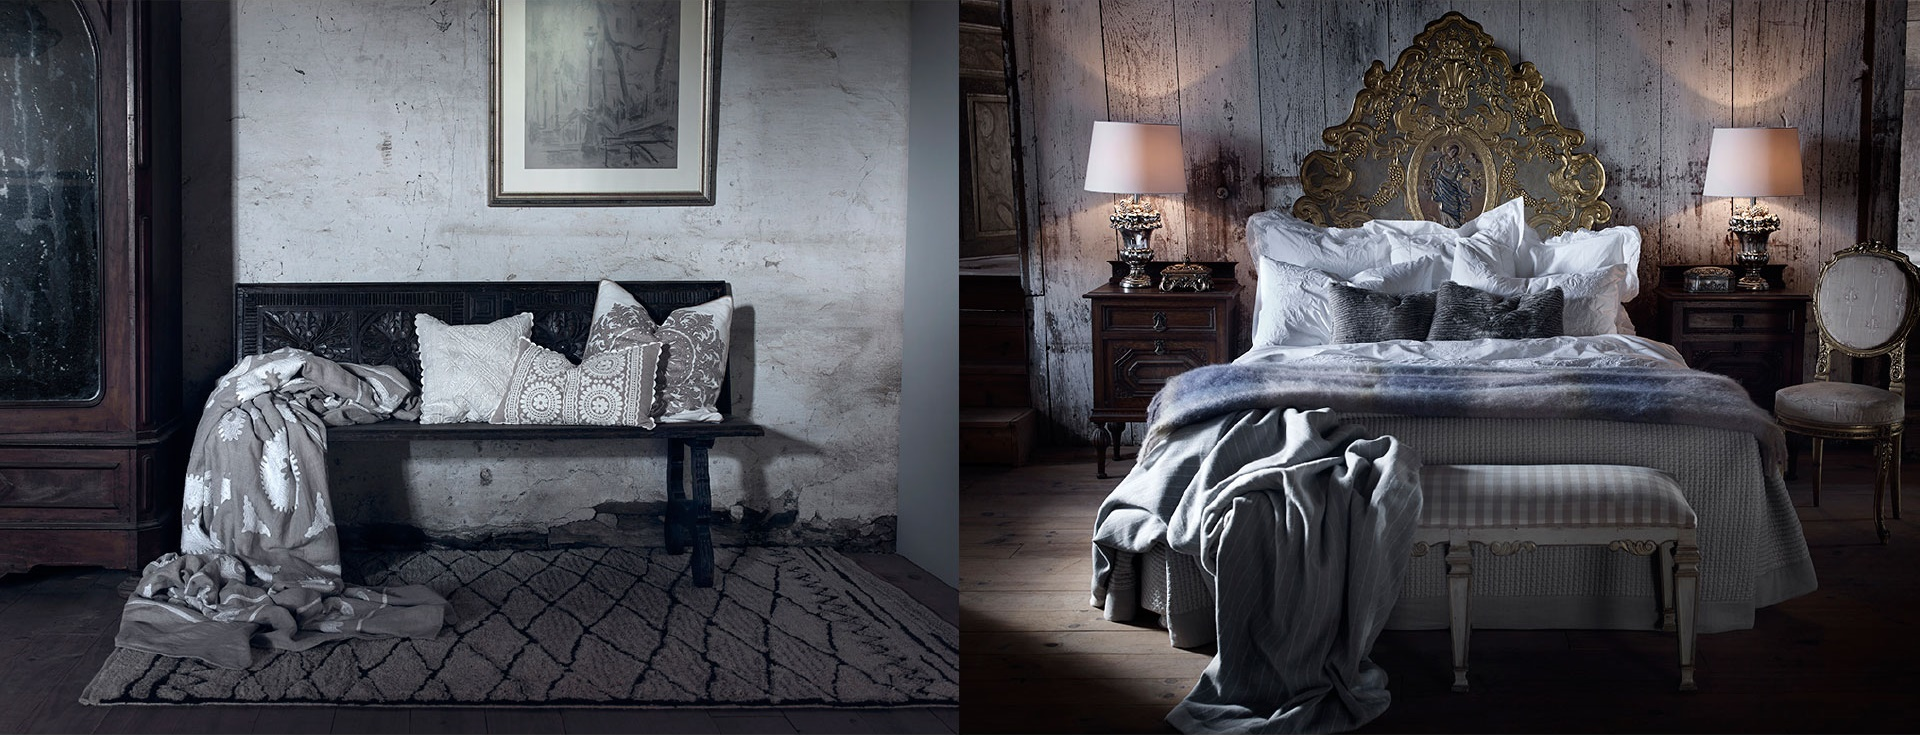 Zara home 2014 la collezione da sogno tutta in stile shabby chic foto - Zara home bagno ...